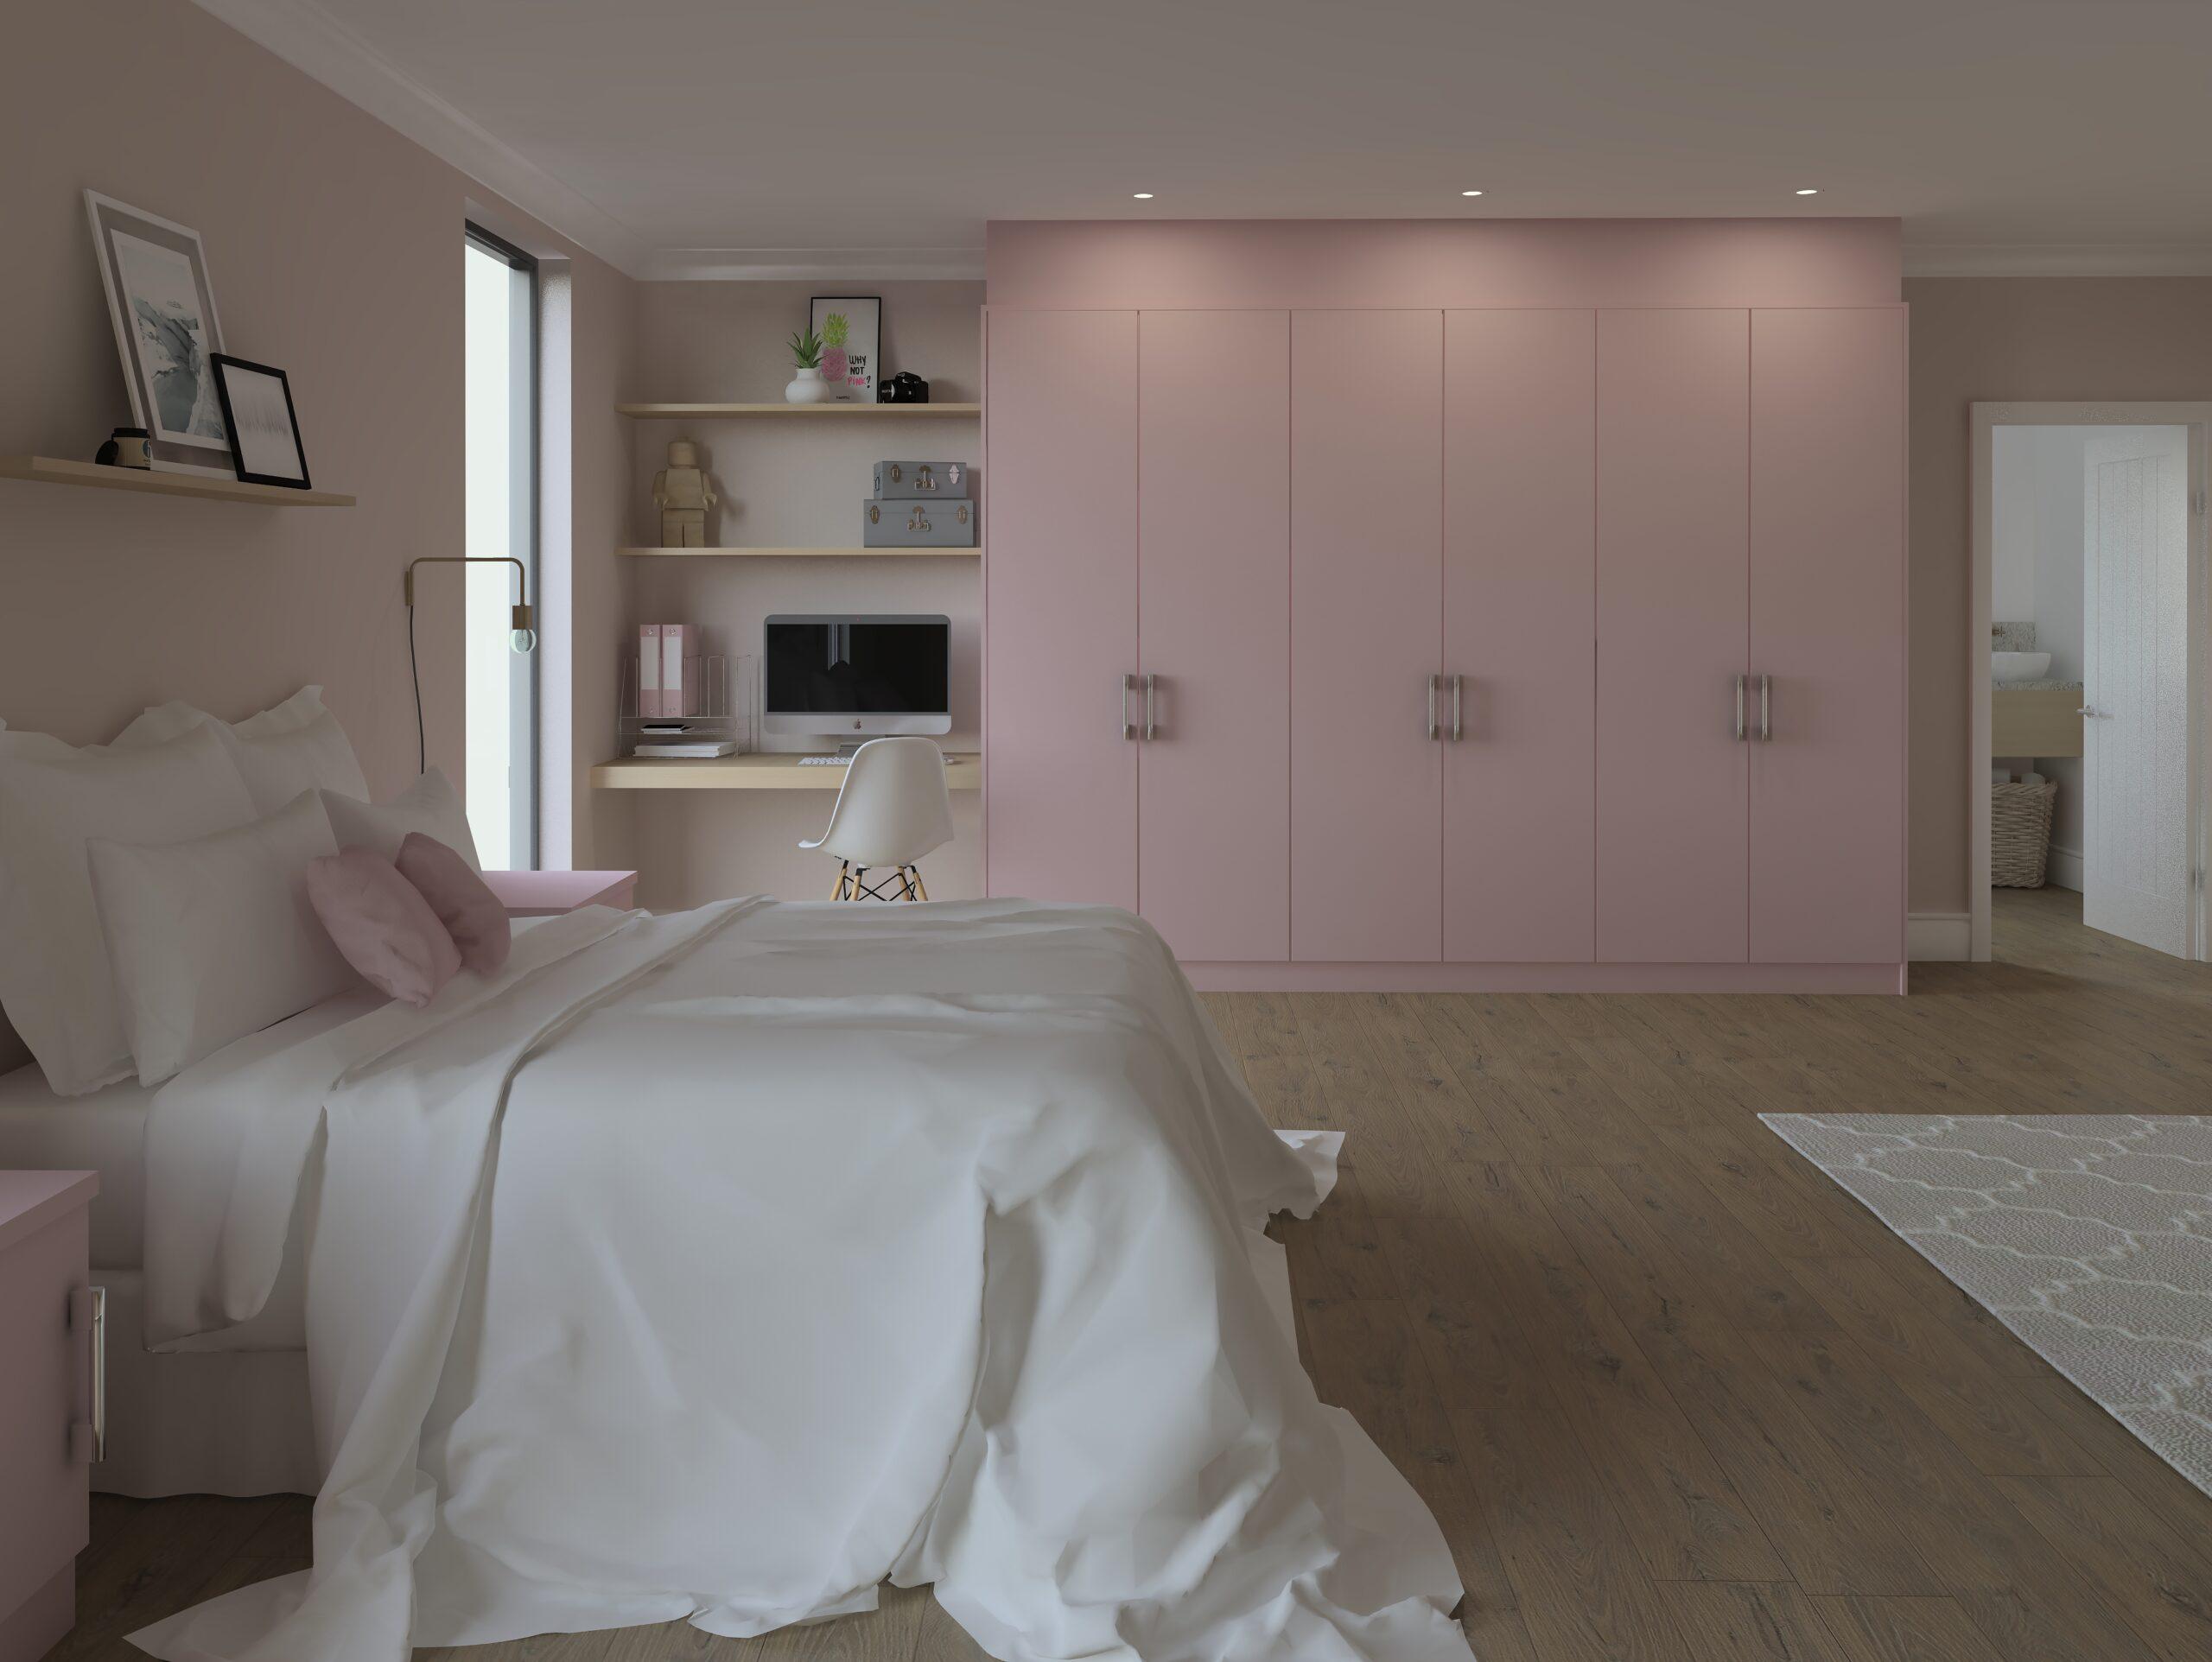 ArtiCAD Pink Bedroom render